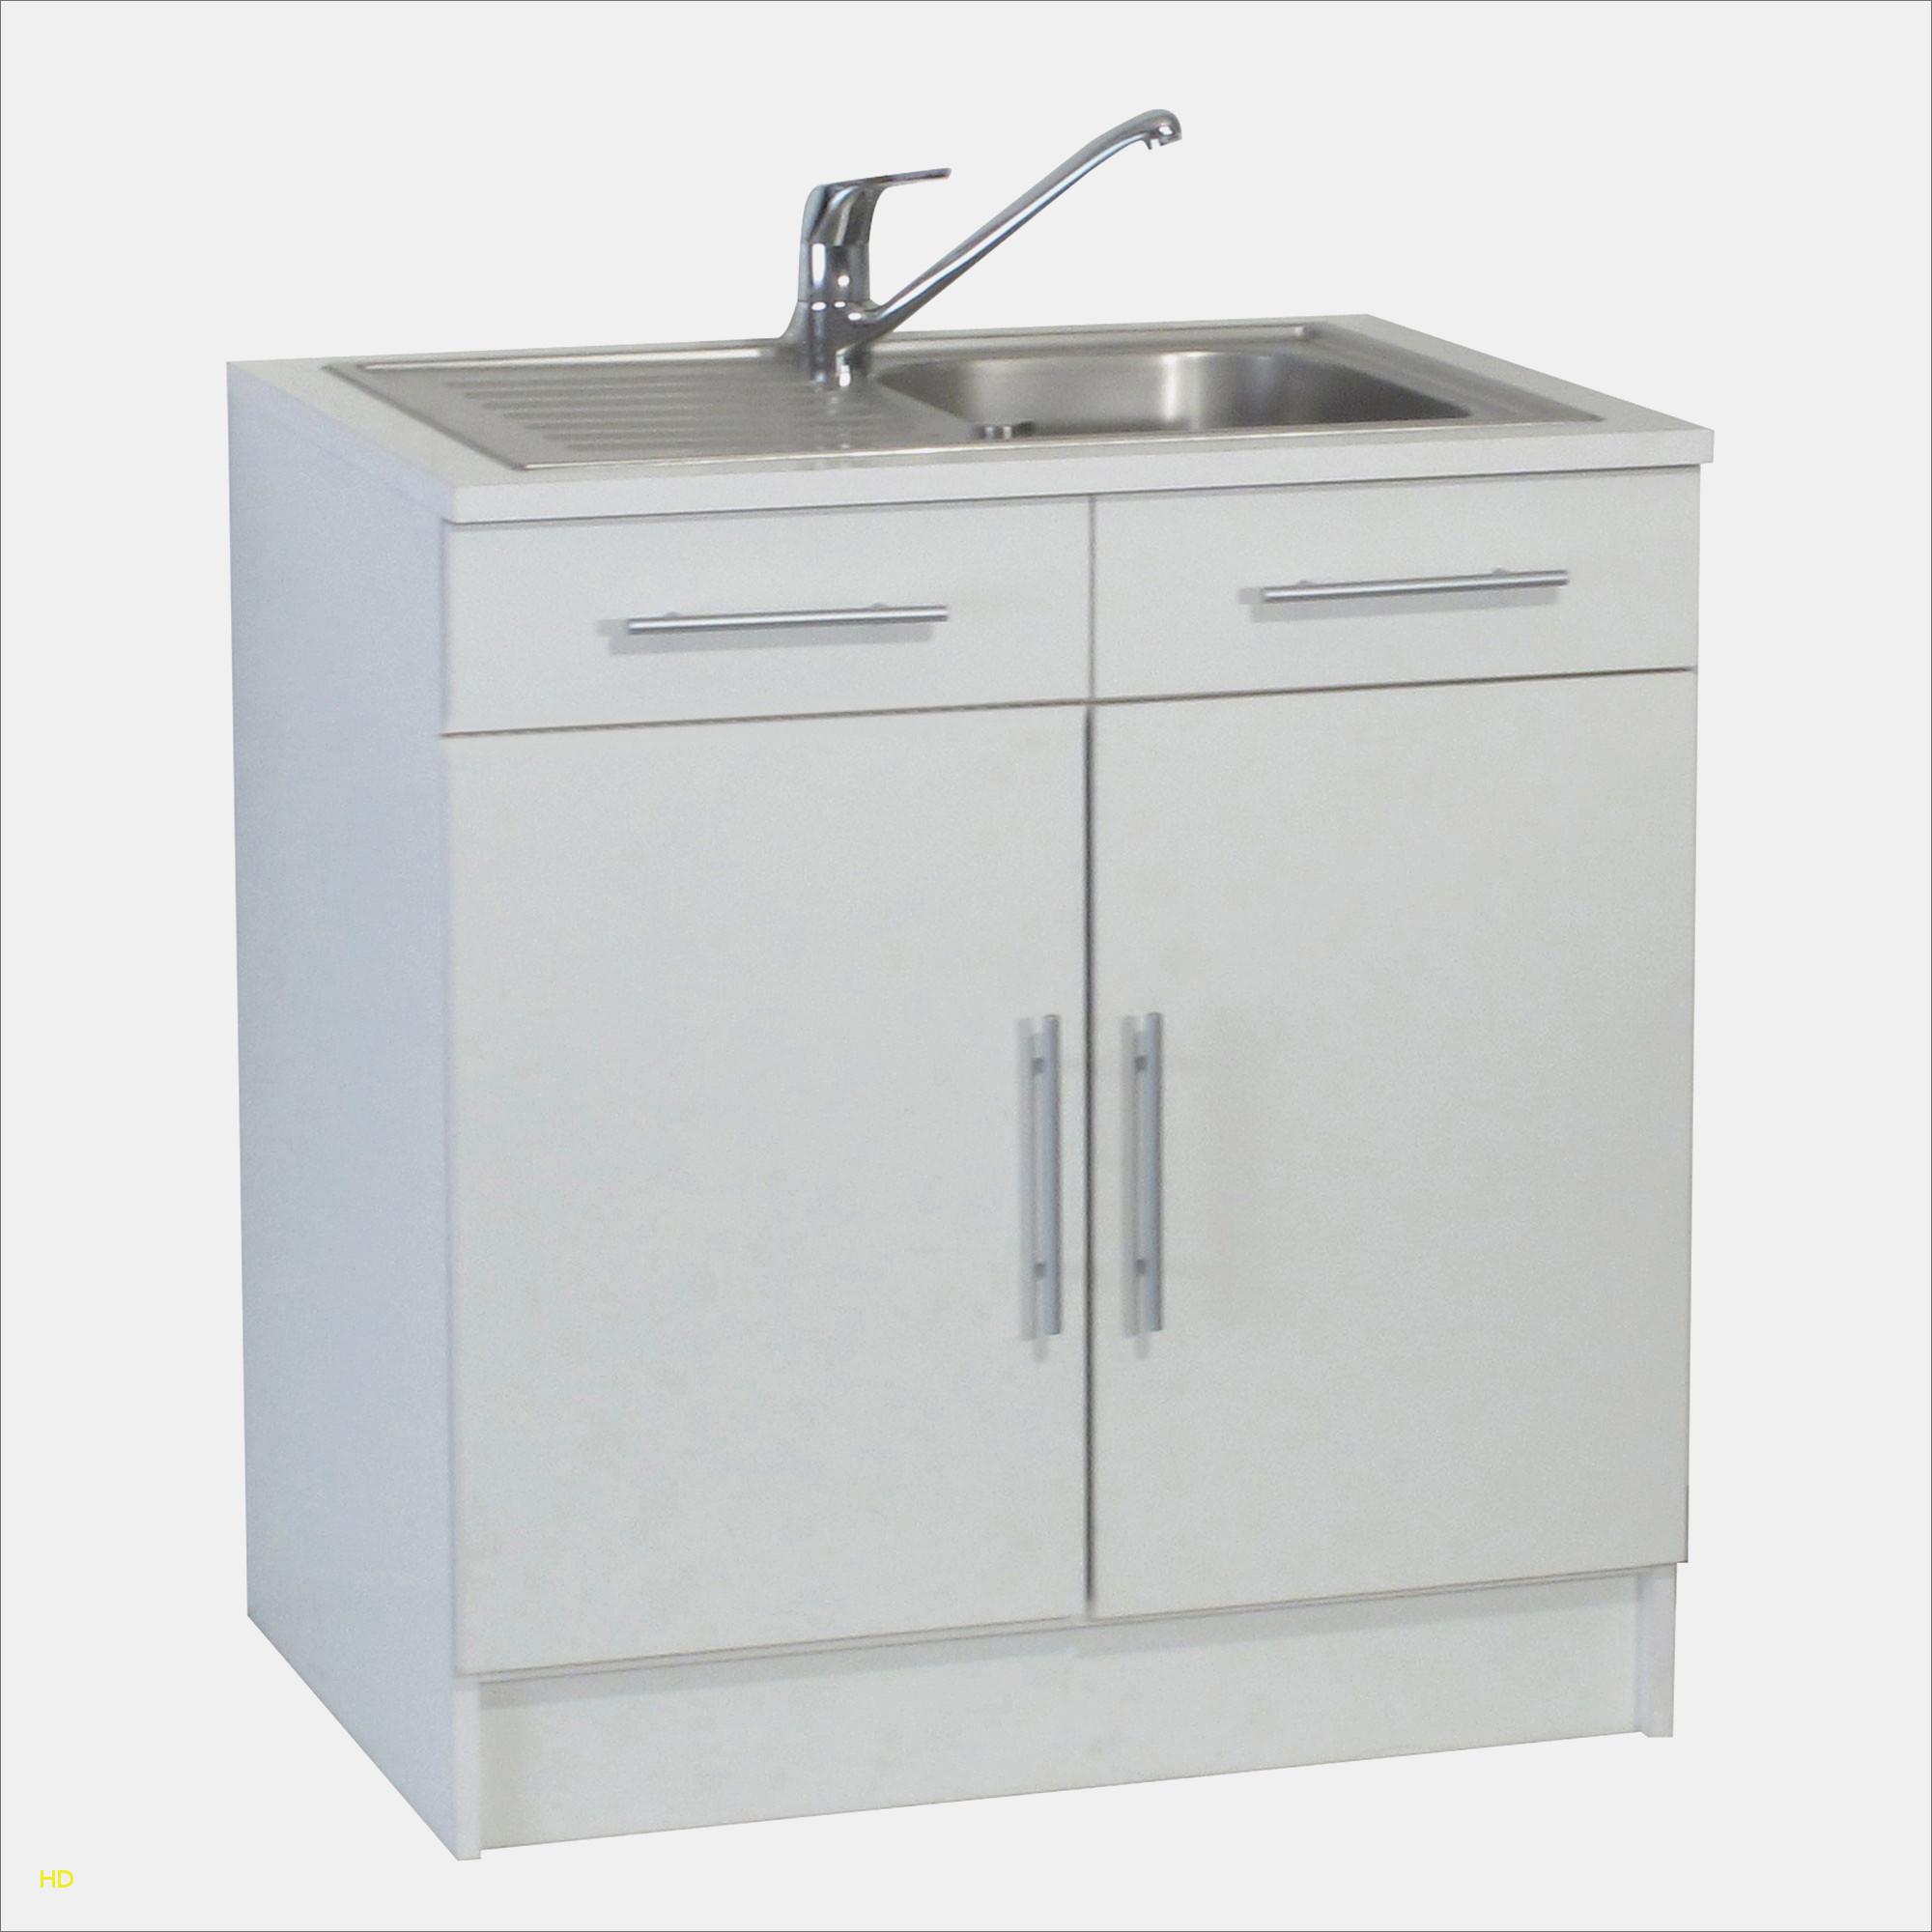 Meuble Sous Evier 90 Cm – Gamboahinestrosa pour Meuble Sous Évier 100 Cm - Ikea